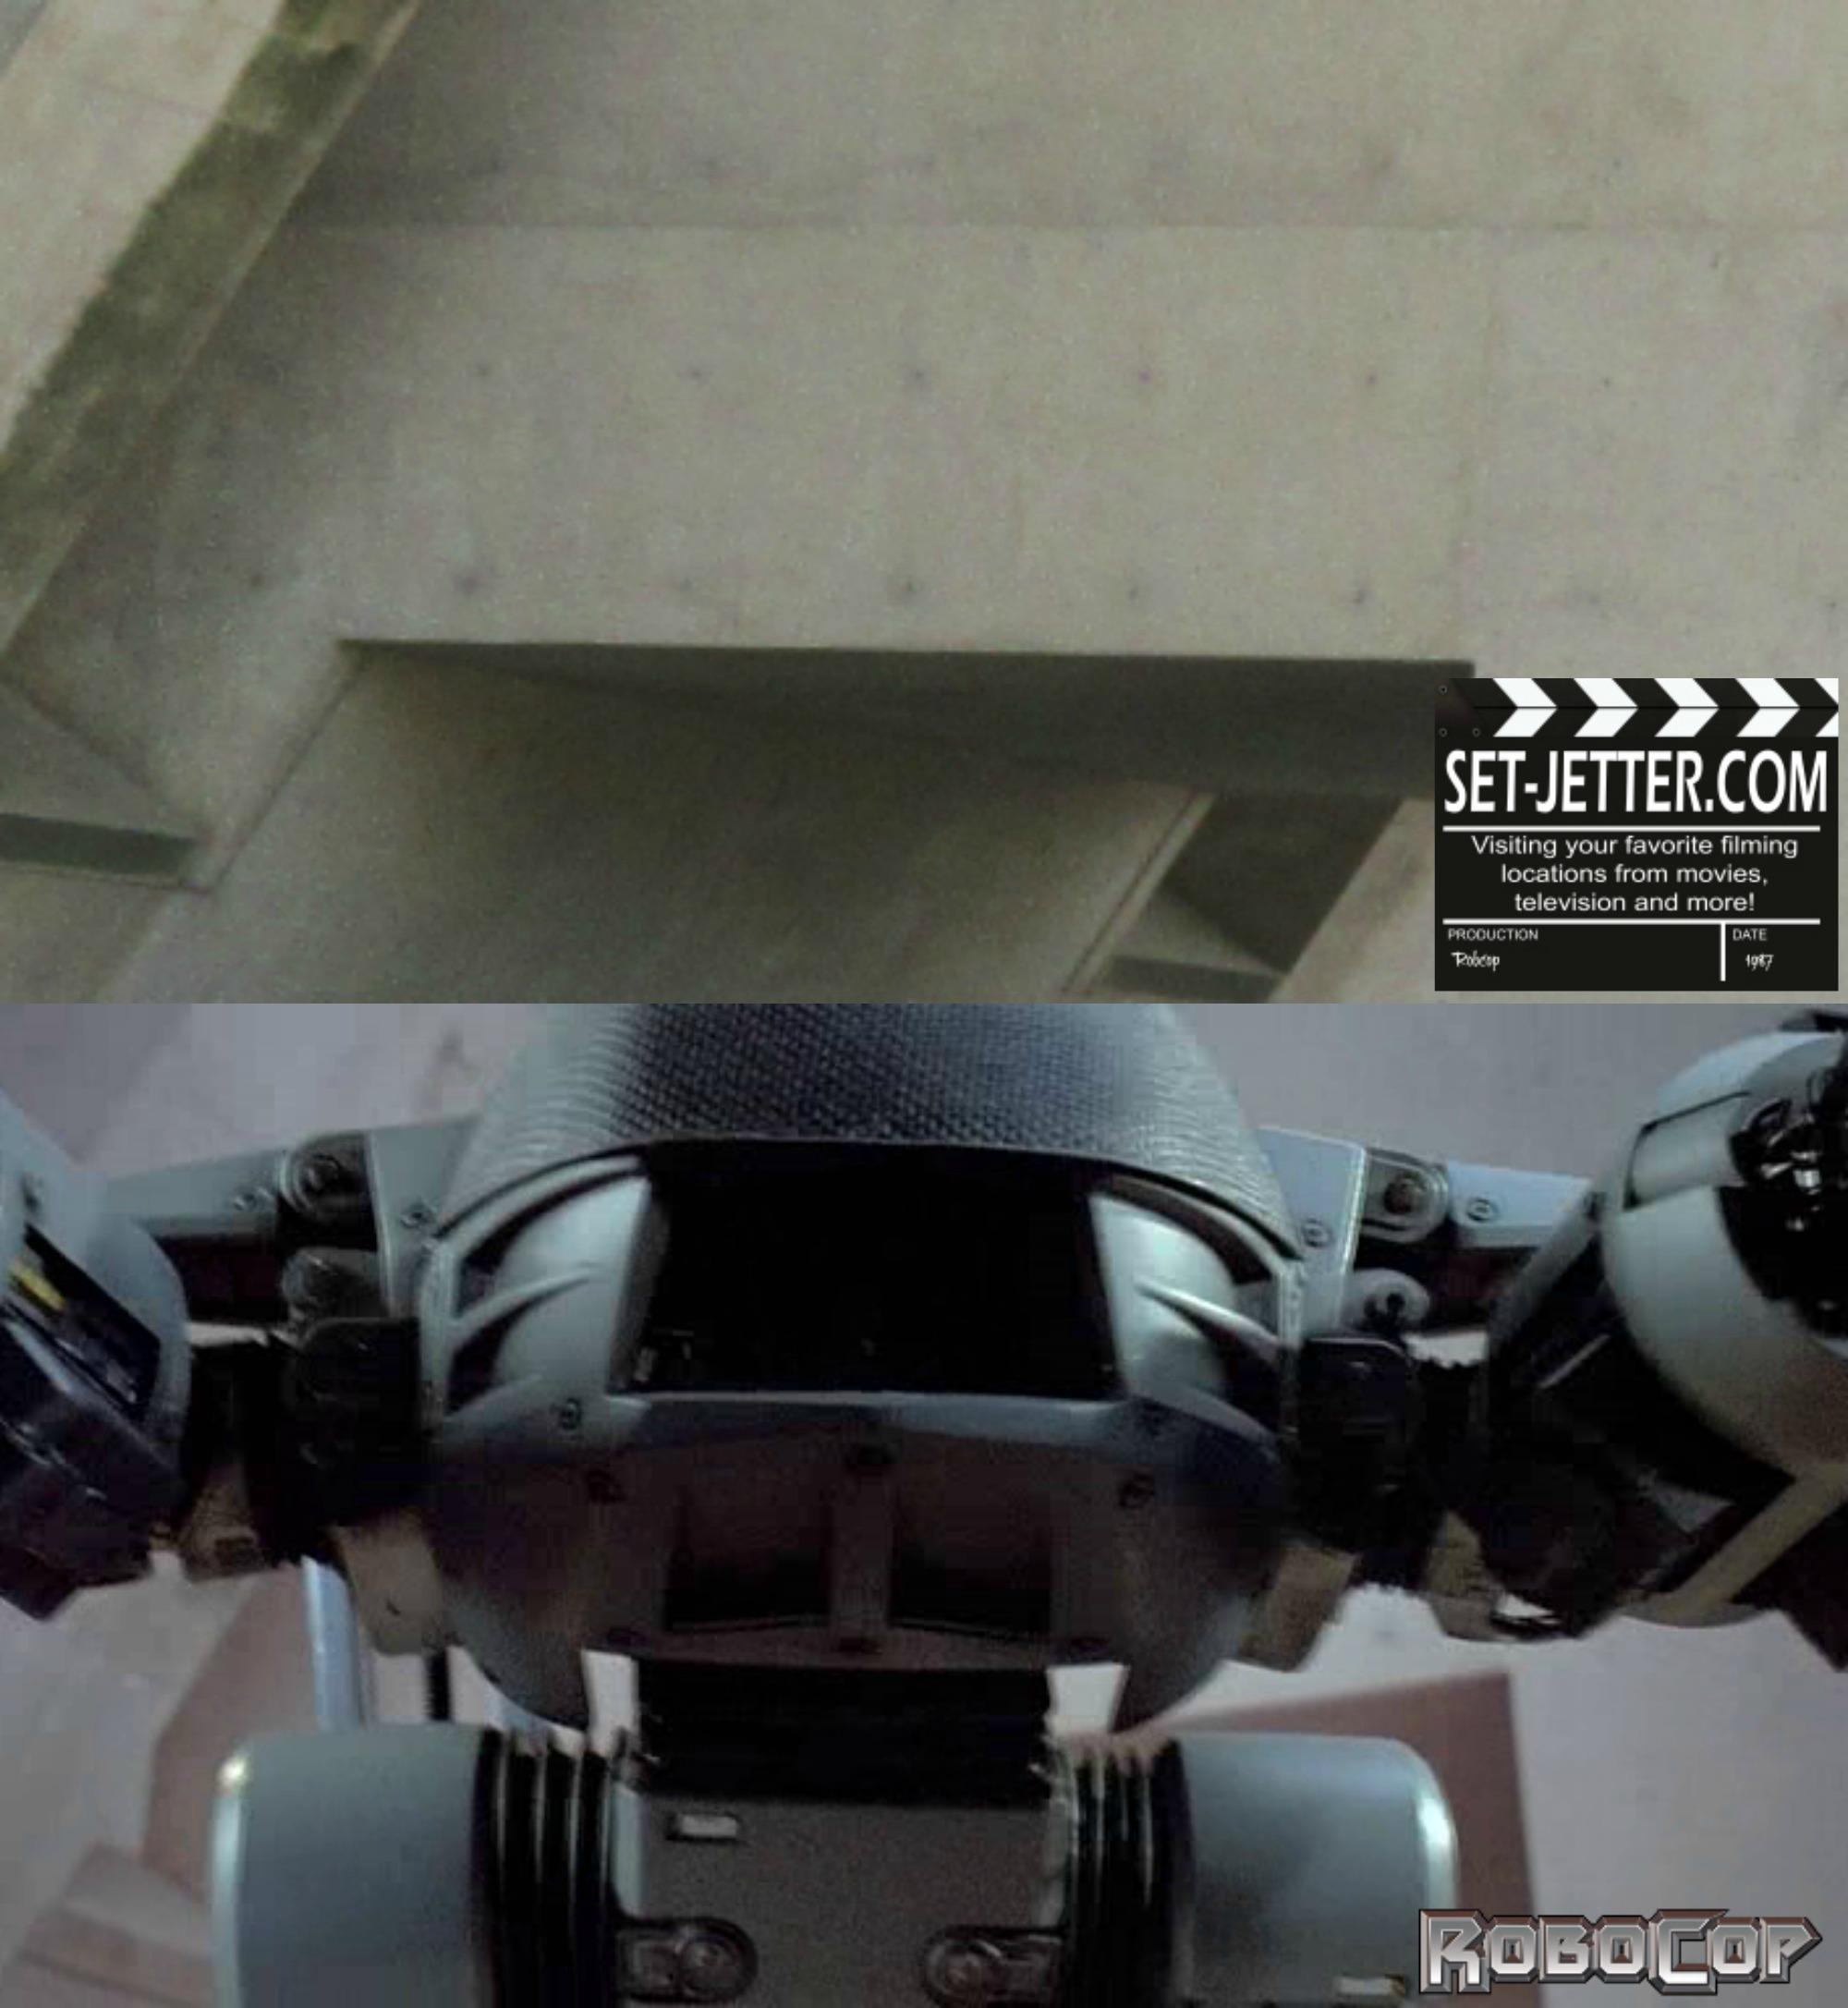 Robocop comparison 170.jpg